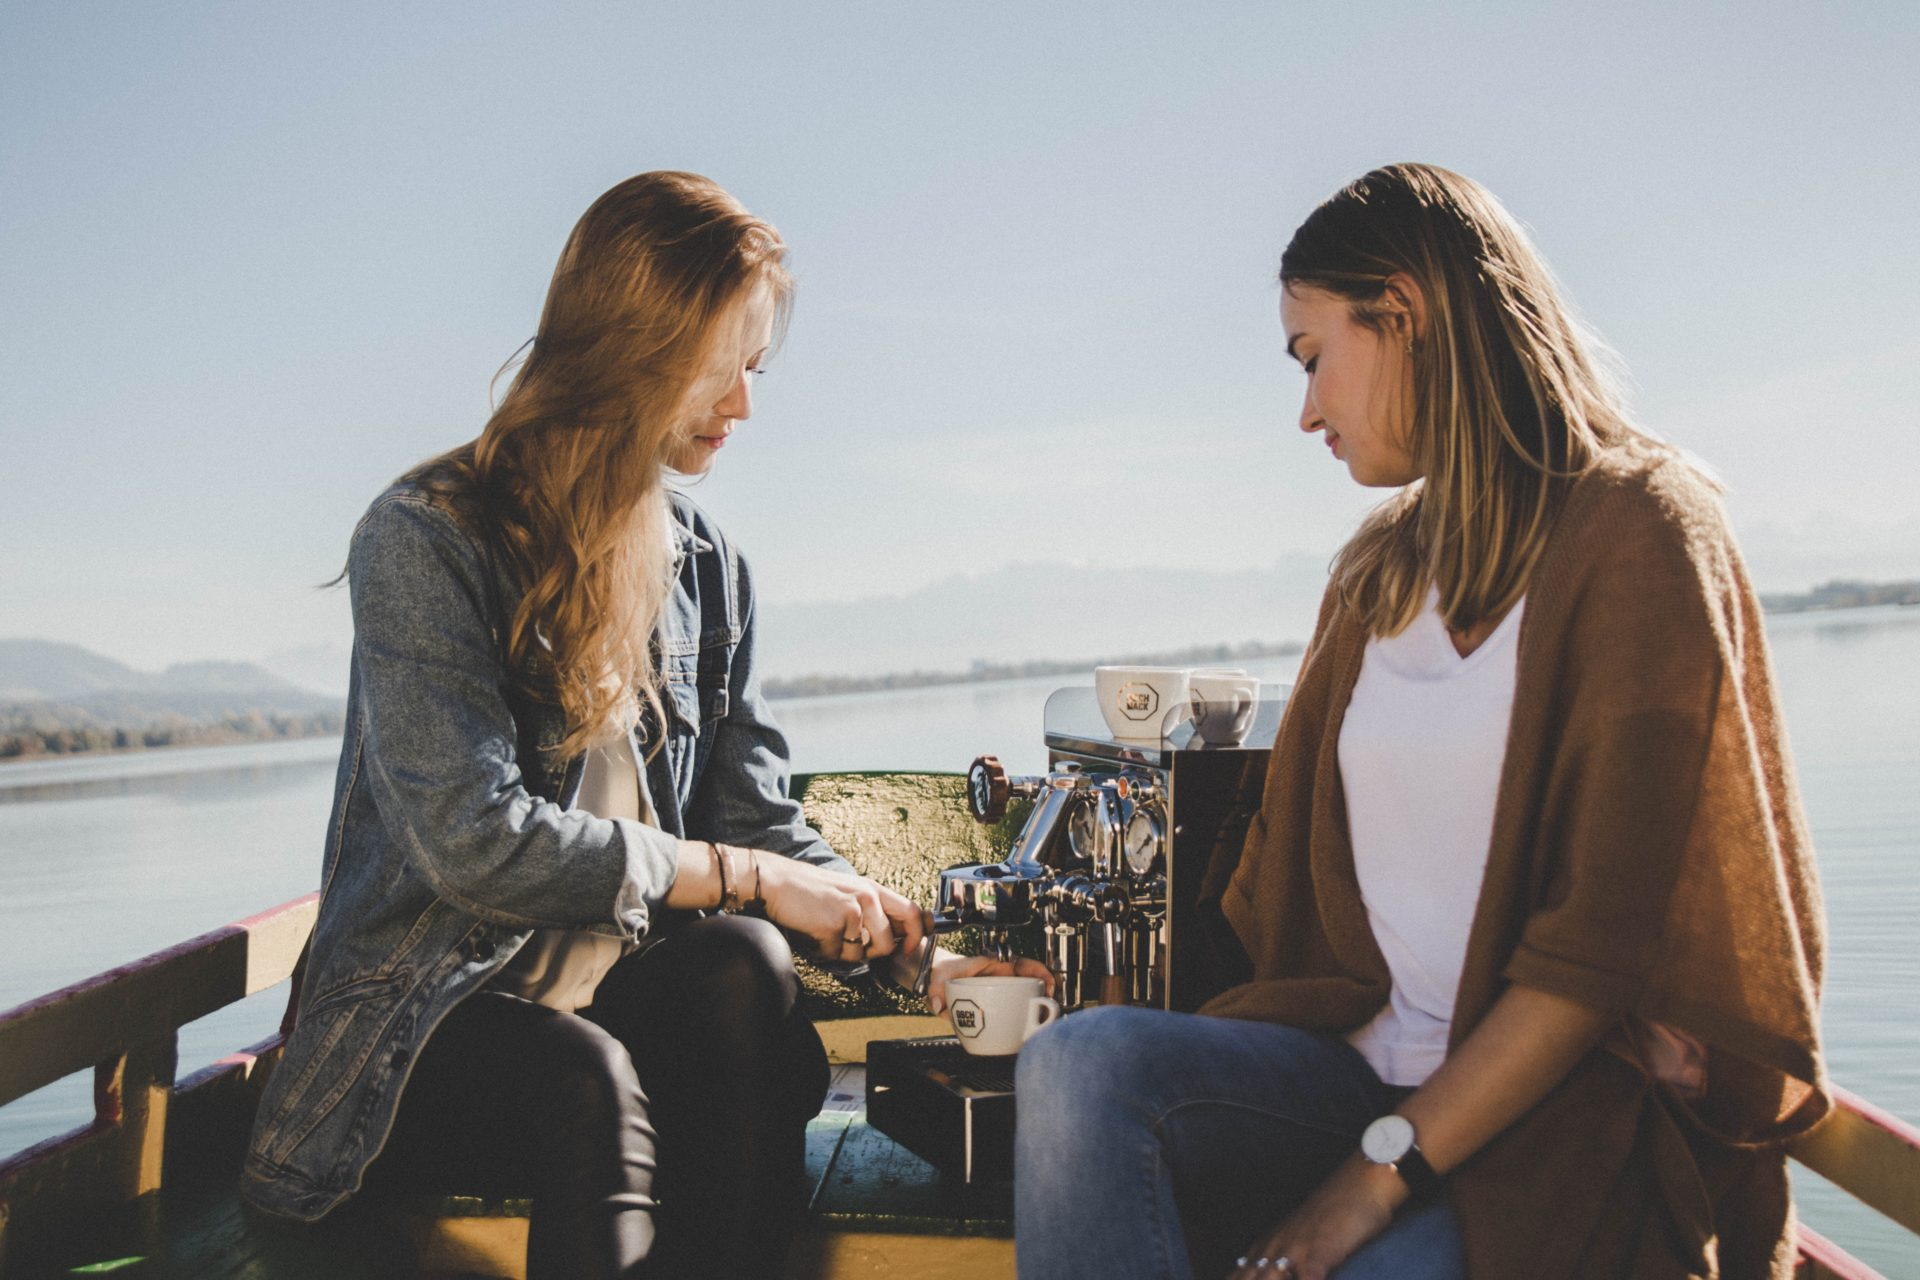 Φίλους με προνόμια και γνωριμίες